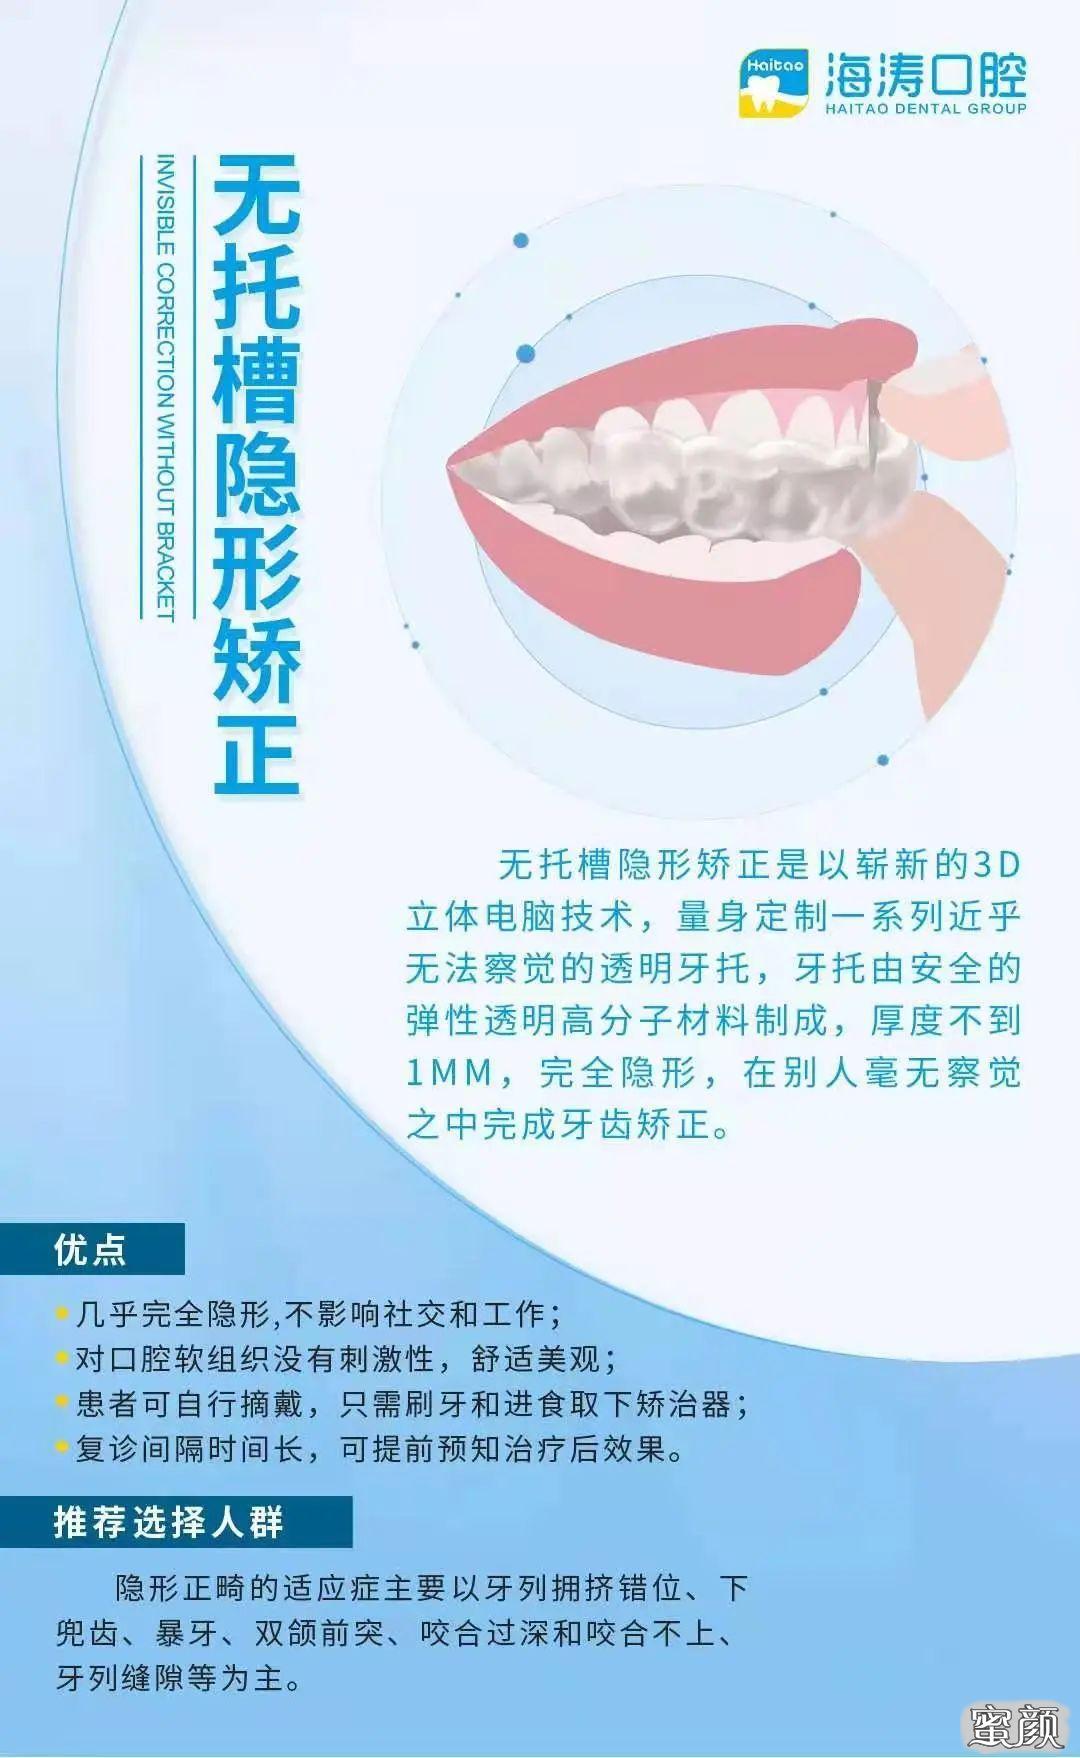 https://img.miyanlife.com/mnt/timg/210220/1646234Q8-8.jpg 这个寒假 正是牙齿矫正好时节 知识库 第10张